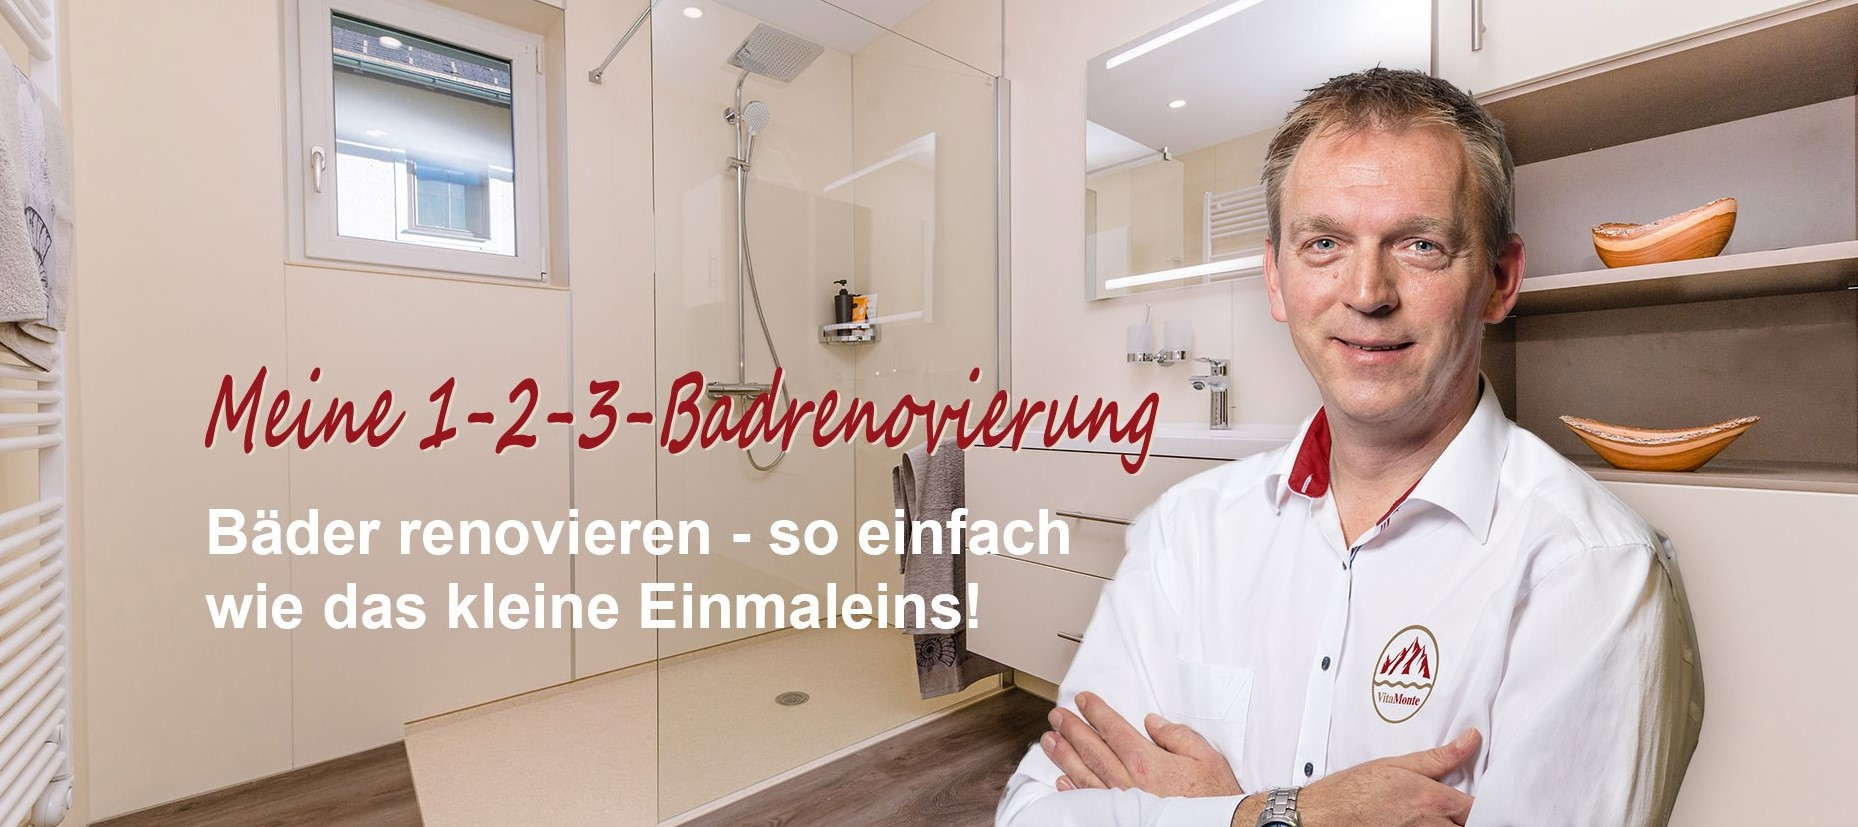 VitaMonte - Jürgen Höchtl und Bad